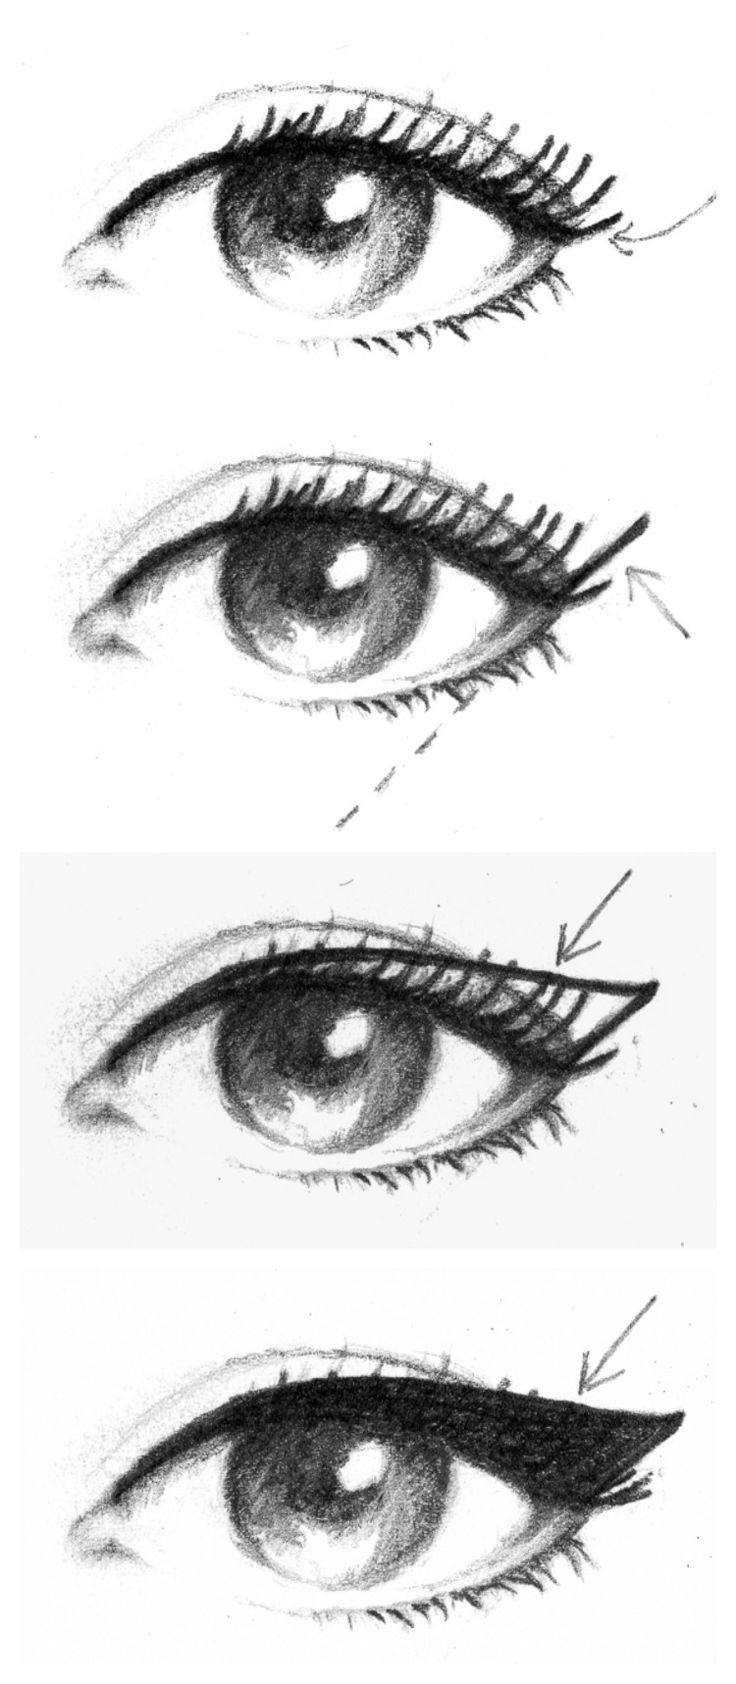 أشكال العيون وطريقة وضع المكياج